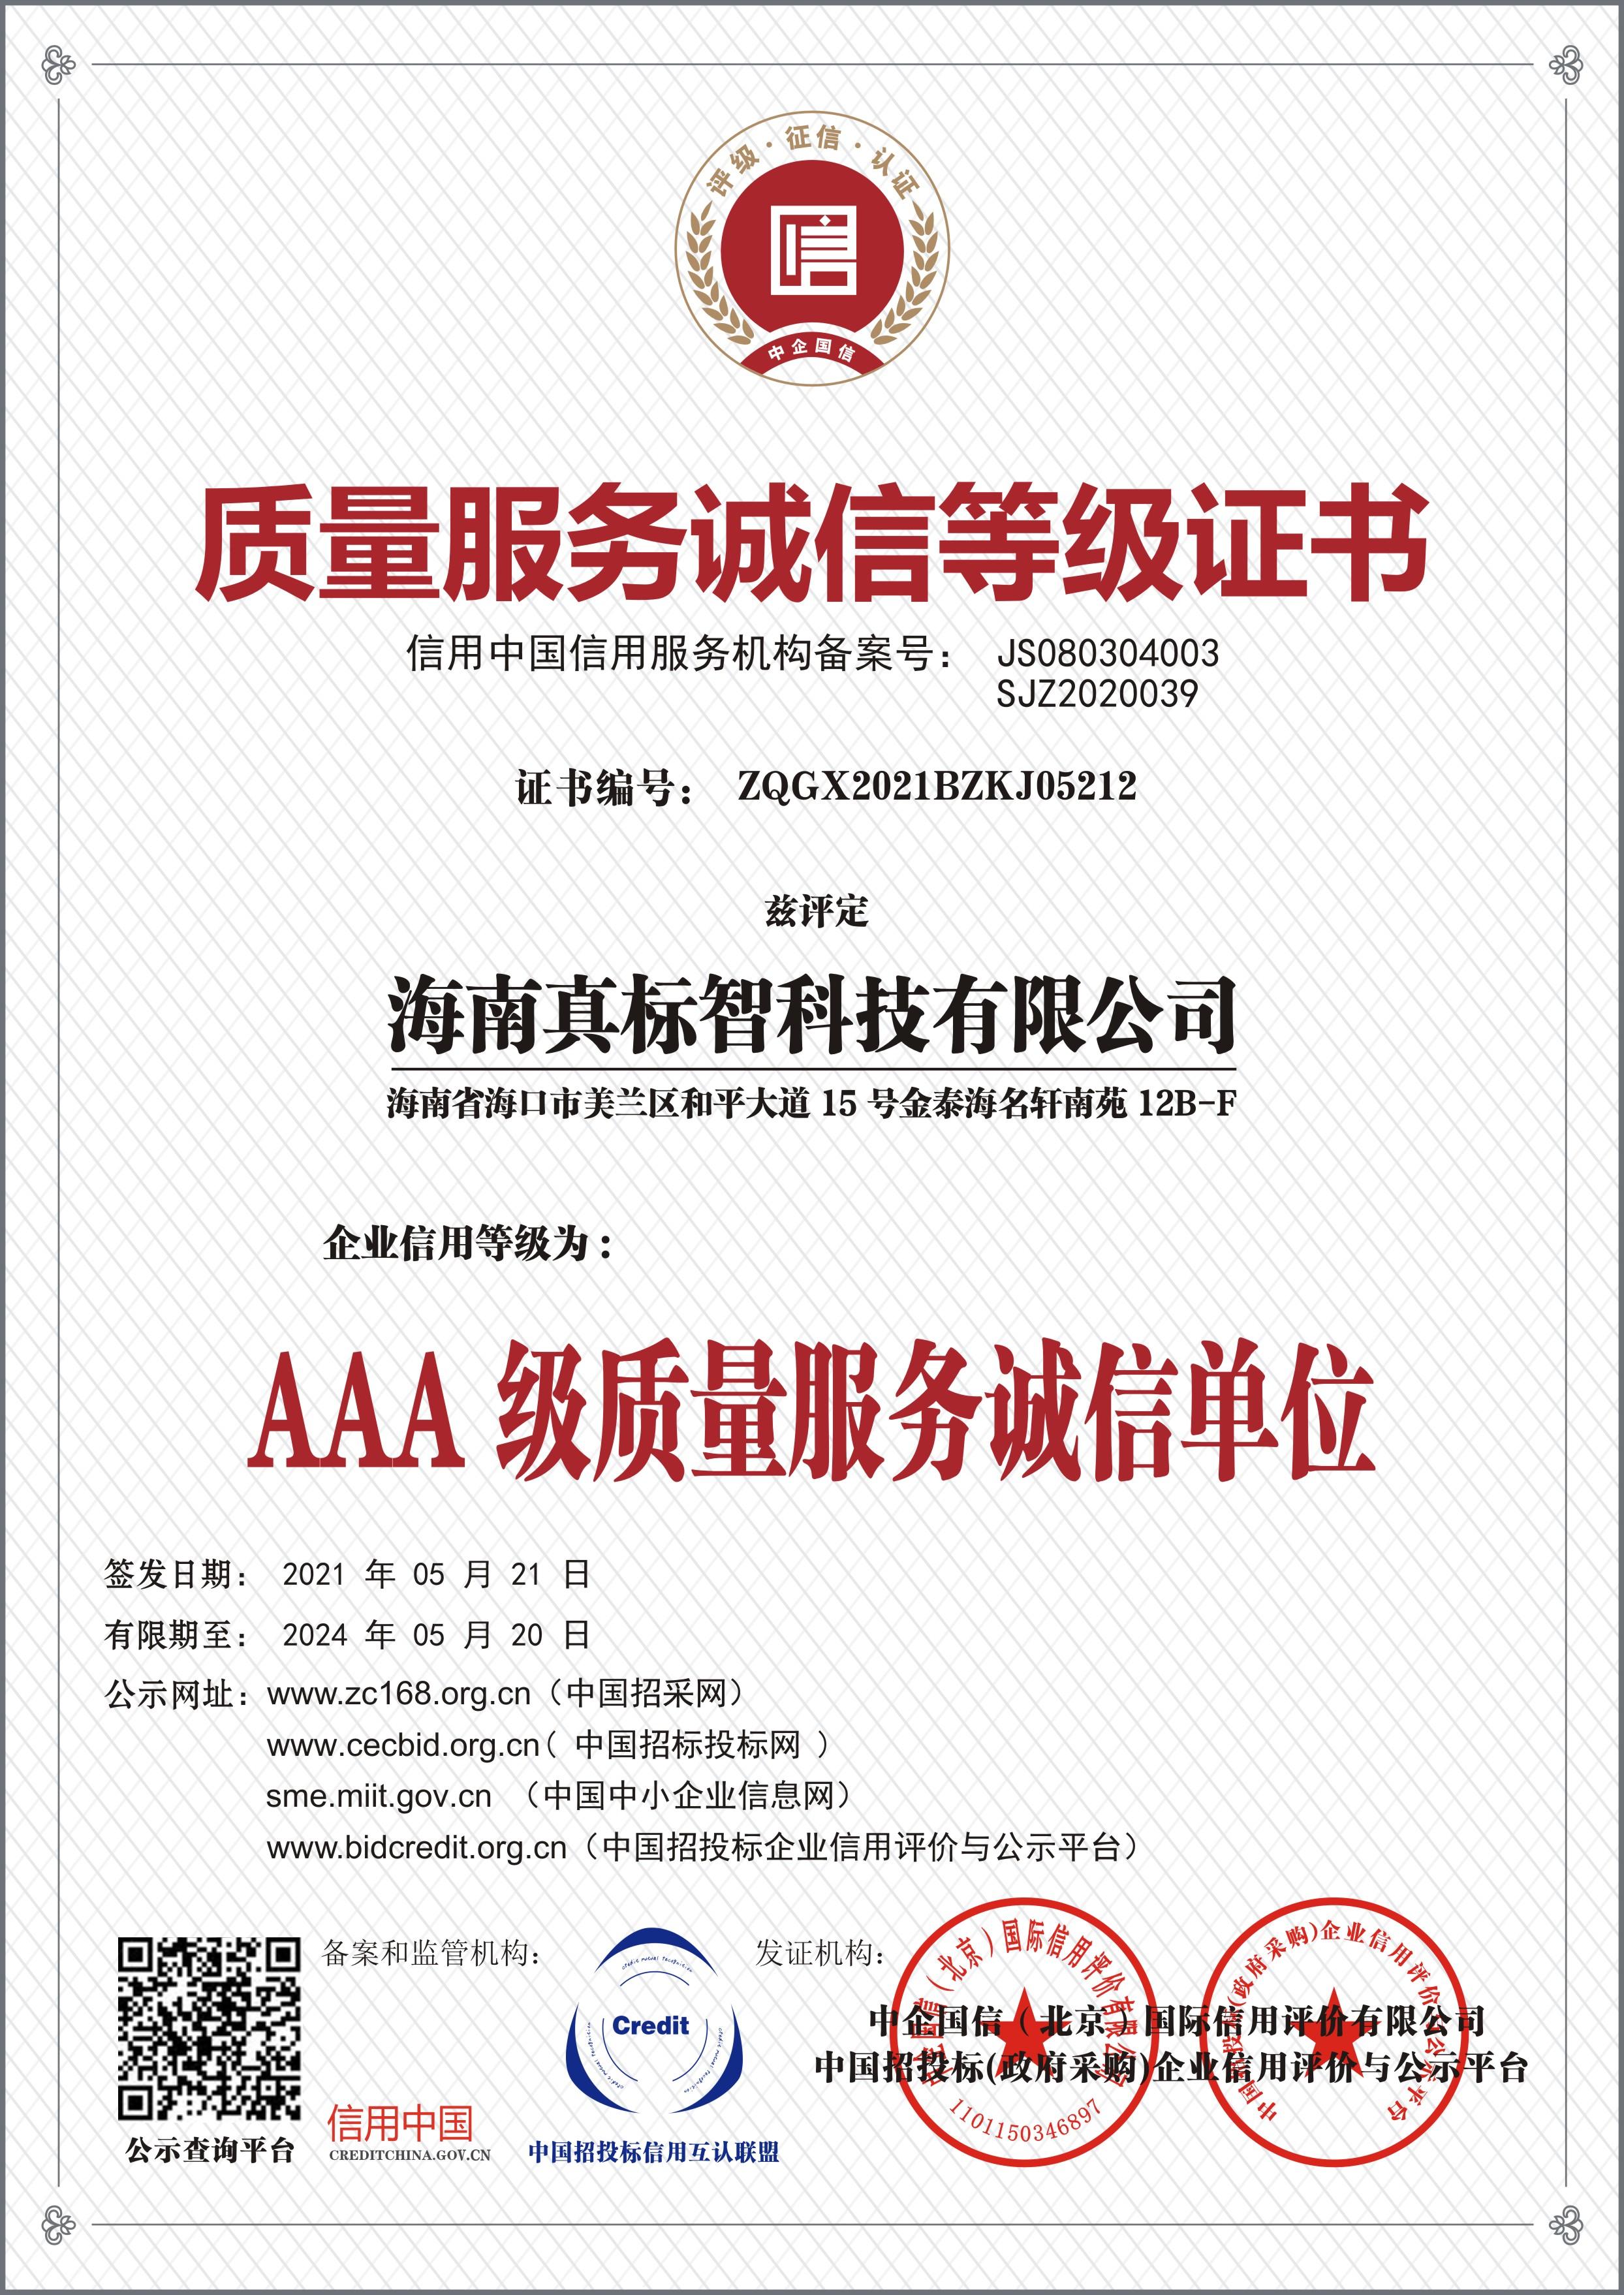 AAA質量服務誠信等級證書.jpg